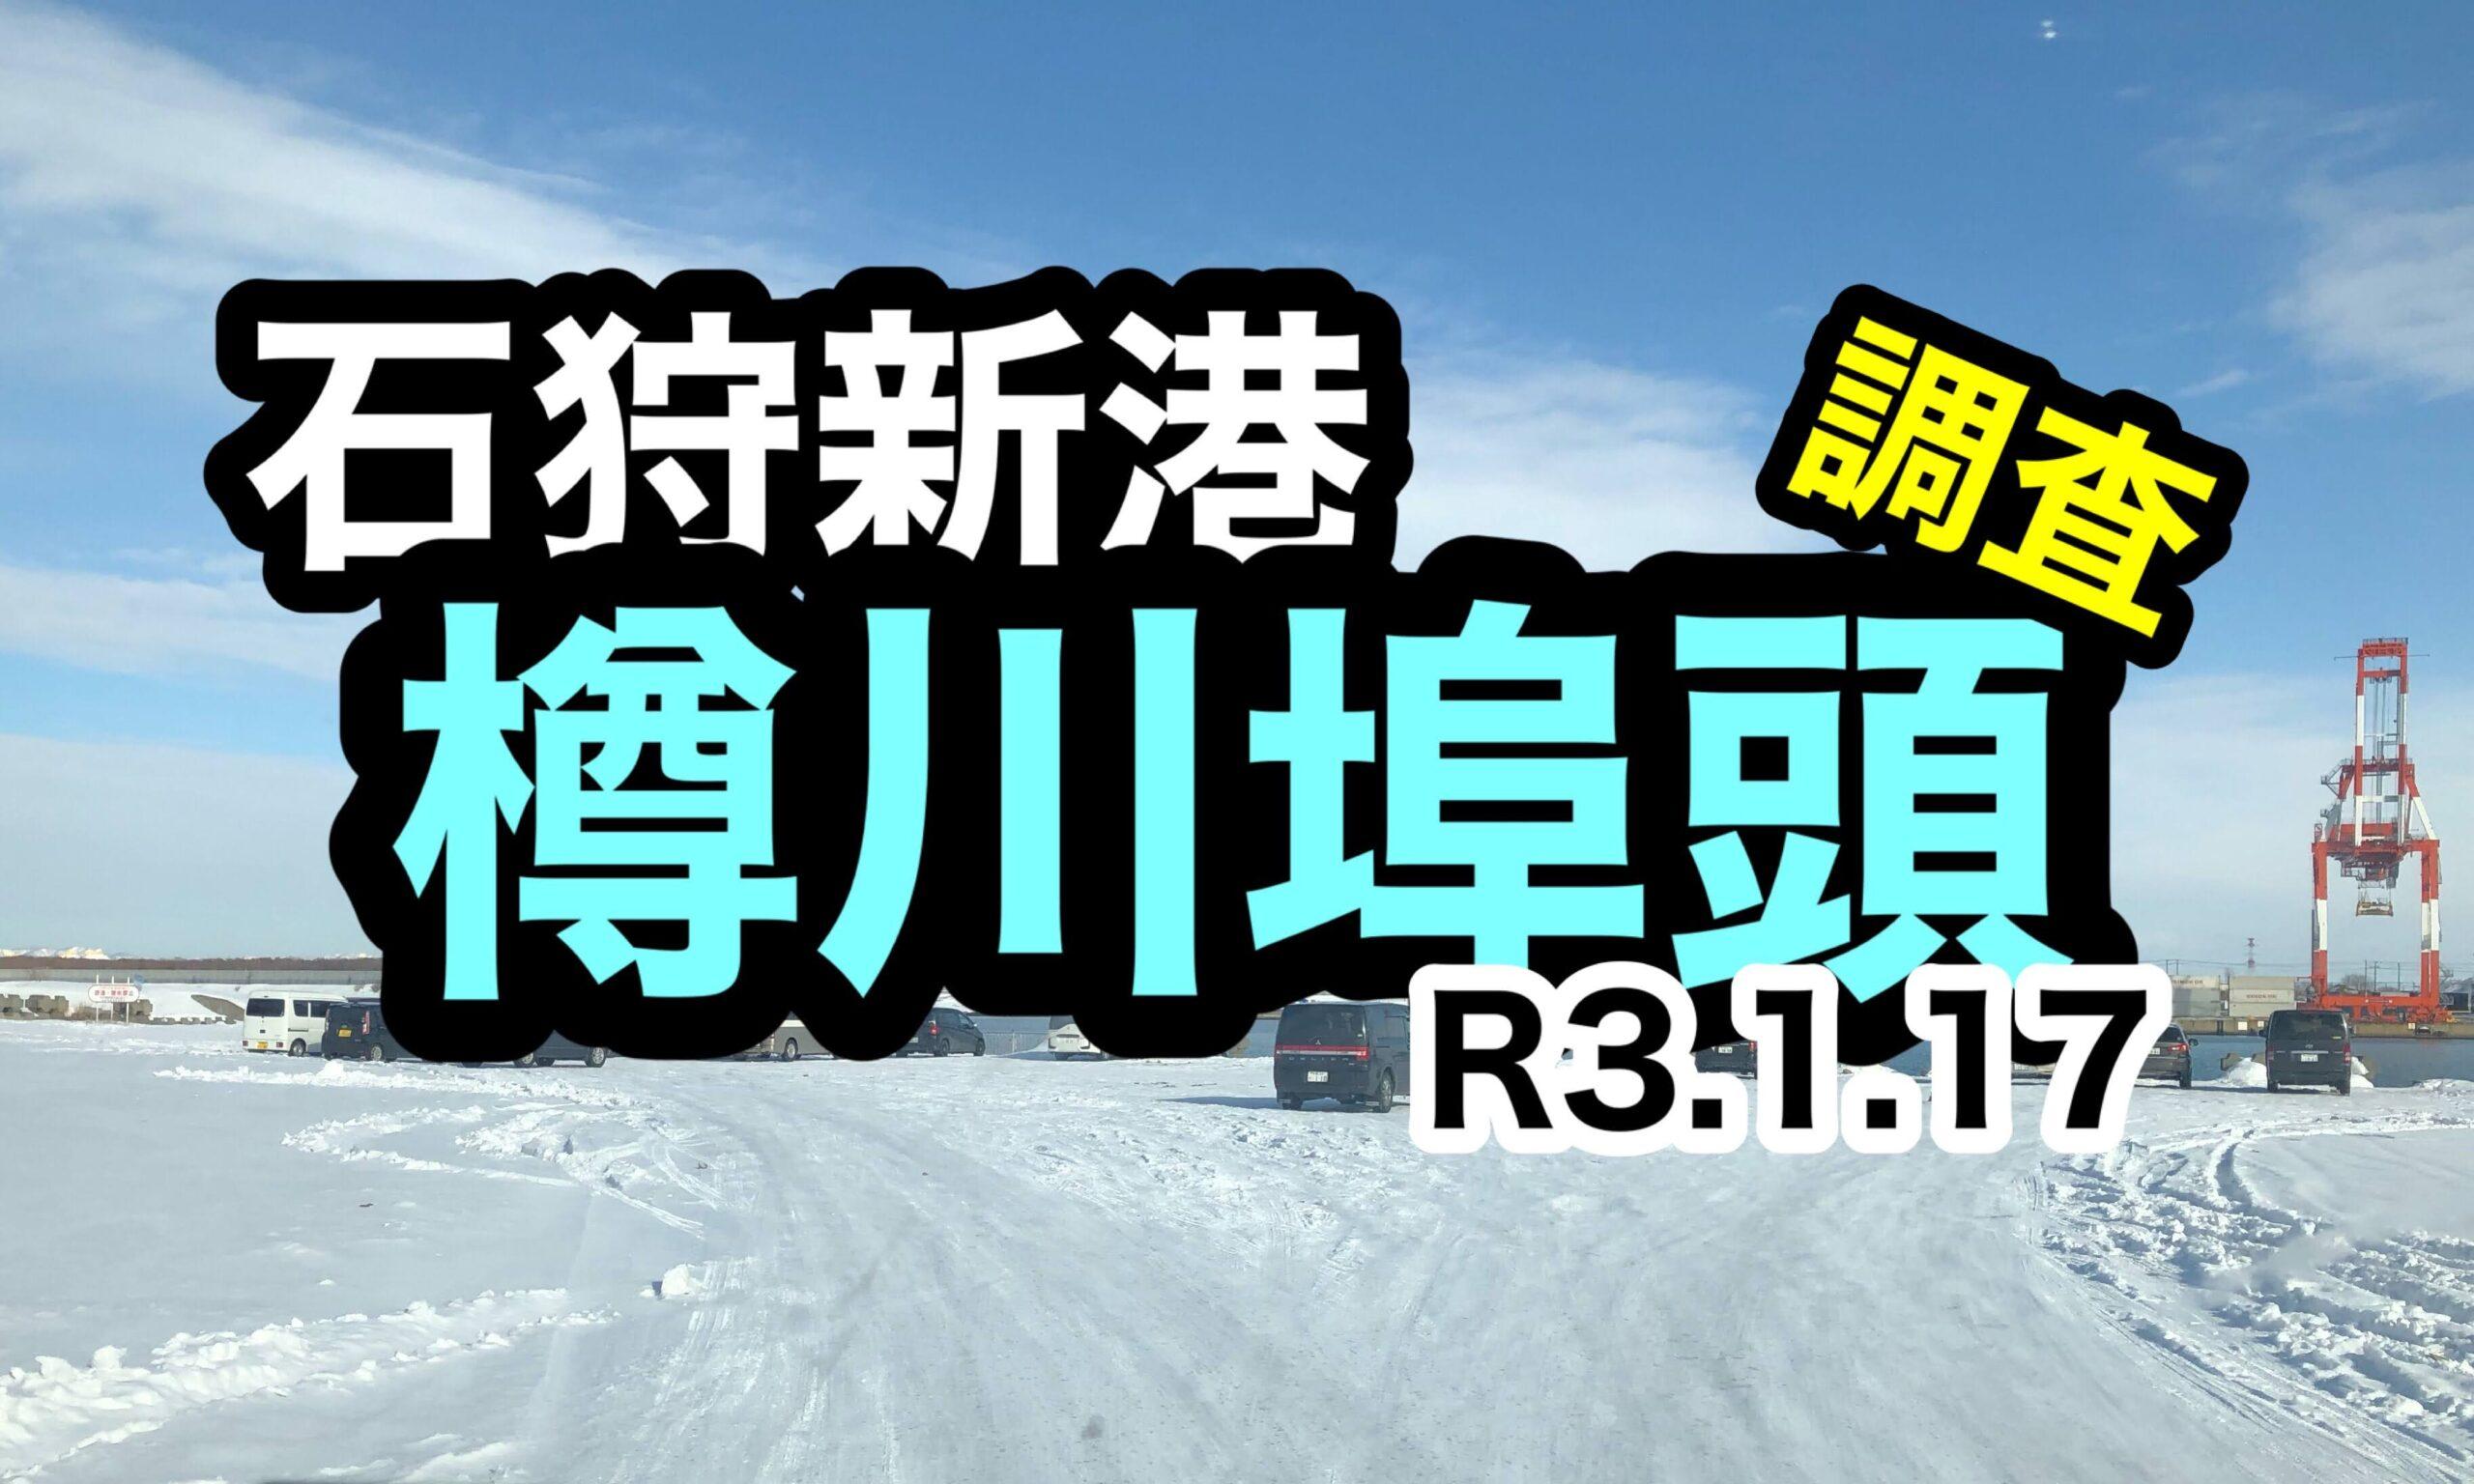 石狩新港樽川埠頭(釣り、調査、令和3年1月17日、冬)